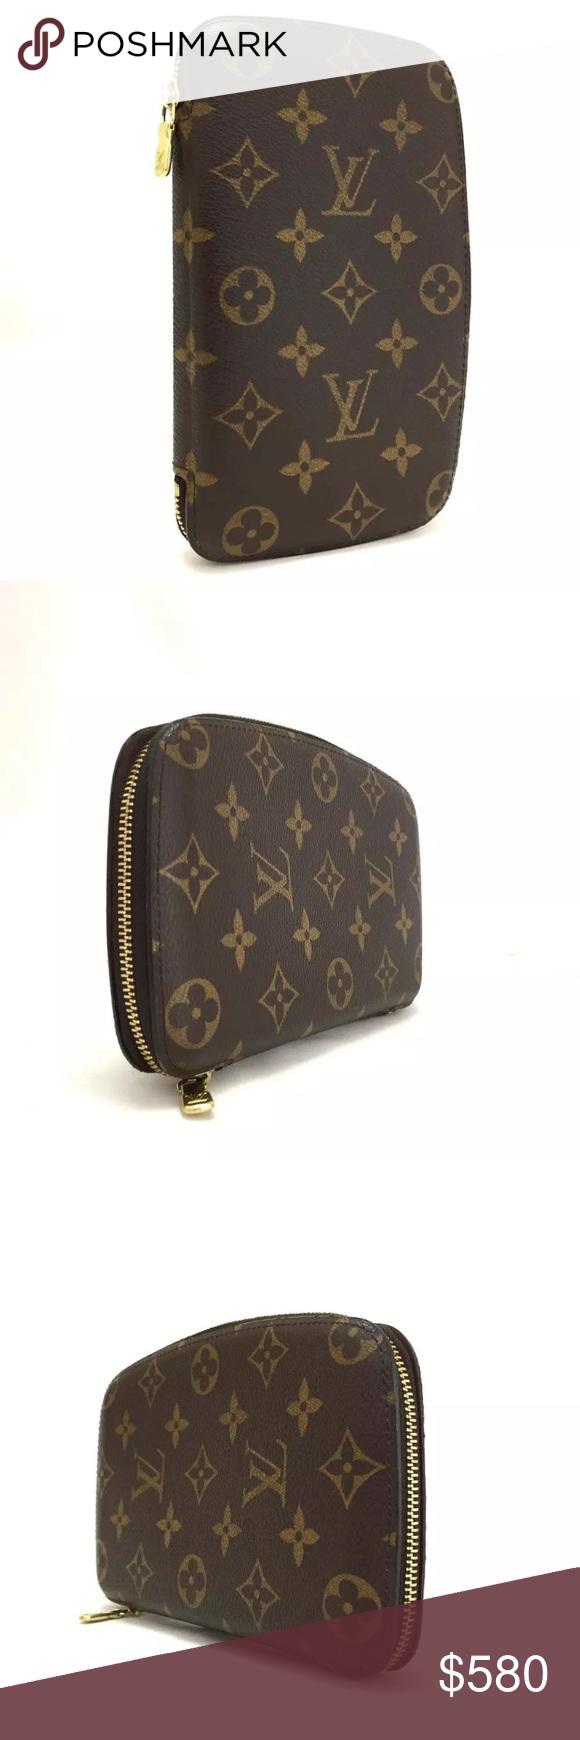 5095b50fe1f0 Louis Vuitton Monogram Geode Zippy Organizer Authentic. Excellent  condition. Louis Vuitton Bags Wallets